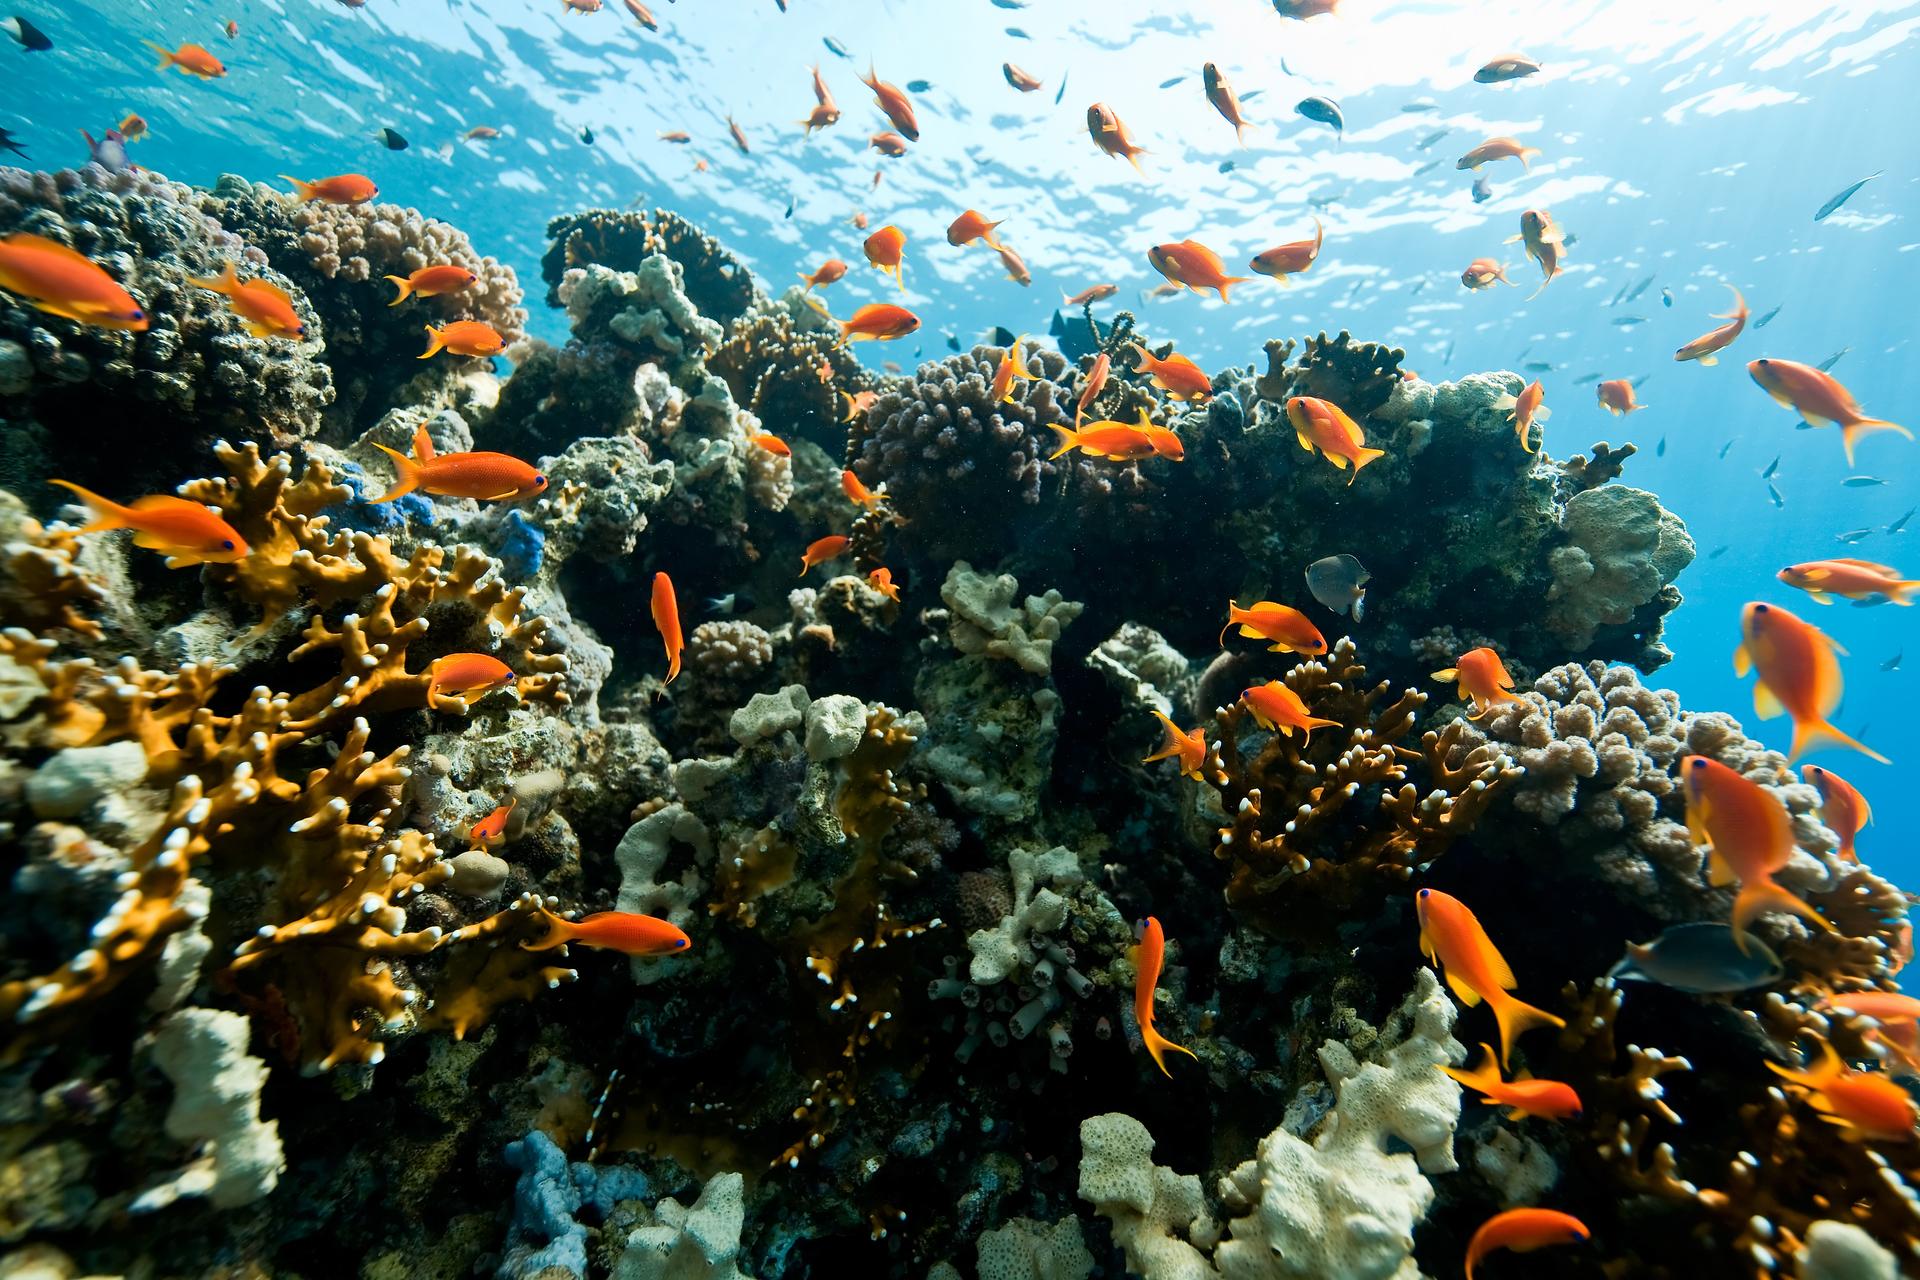 Prachtige gekleurde vissen in helderblauw water